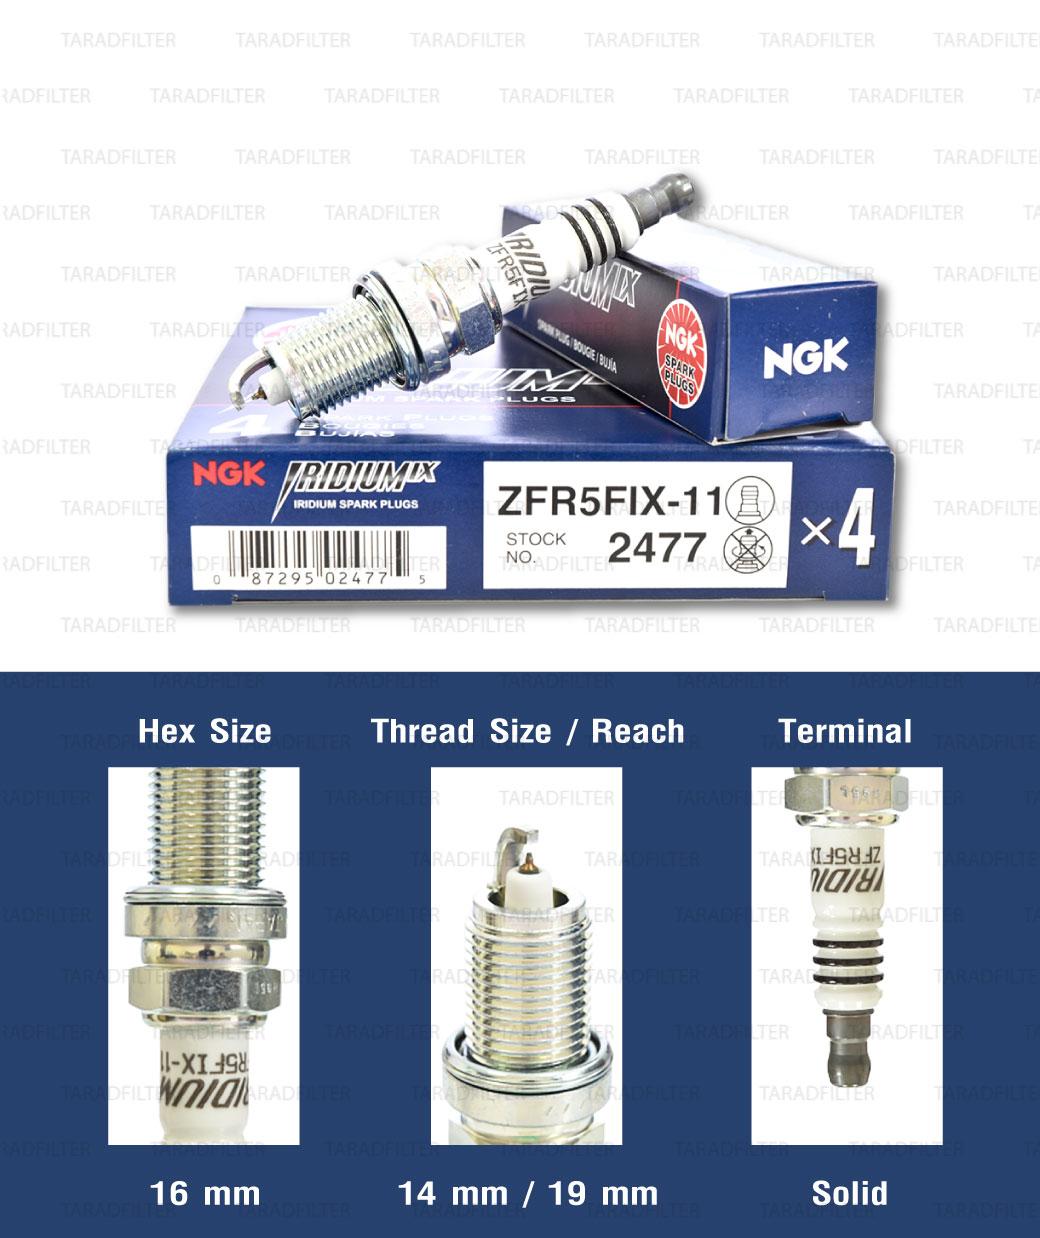 หัวเทียน NGK ZFR5FIX-11 ขั้ว Iridium ใช้สำหรับ Honda Accord, Mazda 323, Ford Laser Tierra (1 หัว) - Made in Japan